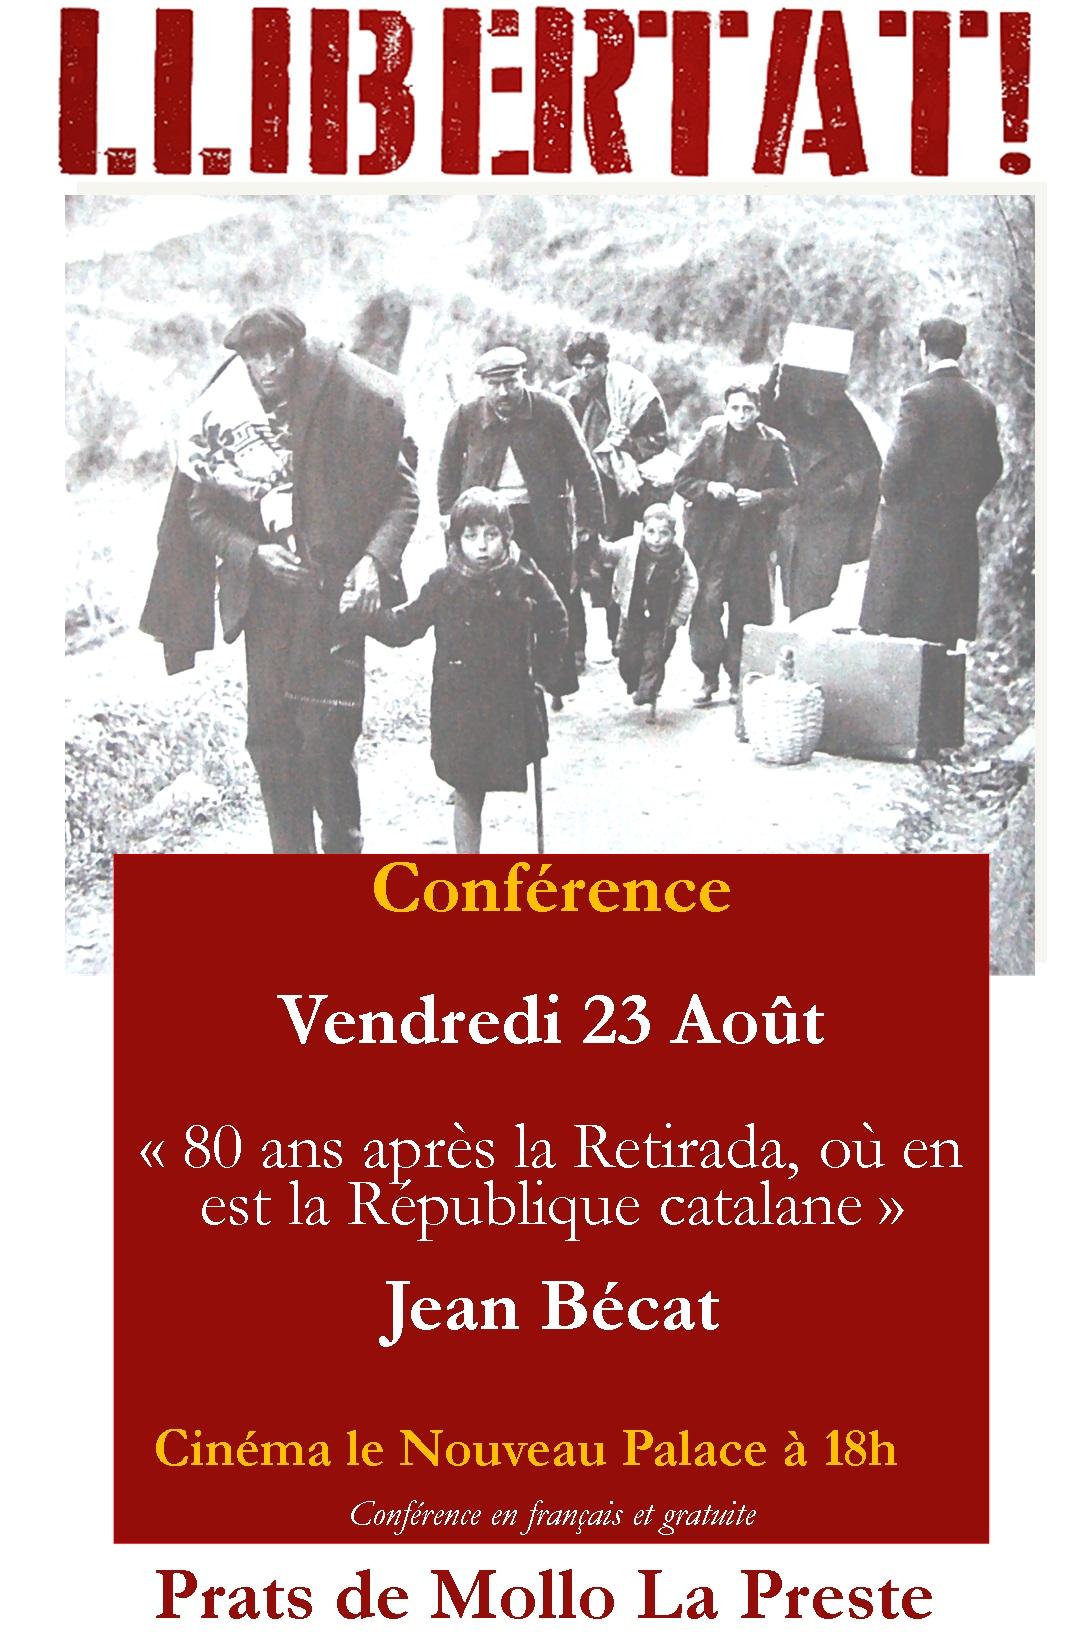 Conférence de Jean Becat » Où en est la République catalane, 80 ans après la Retirada»